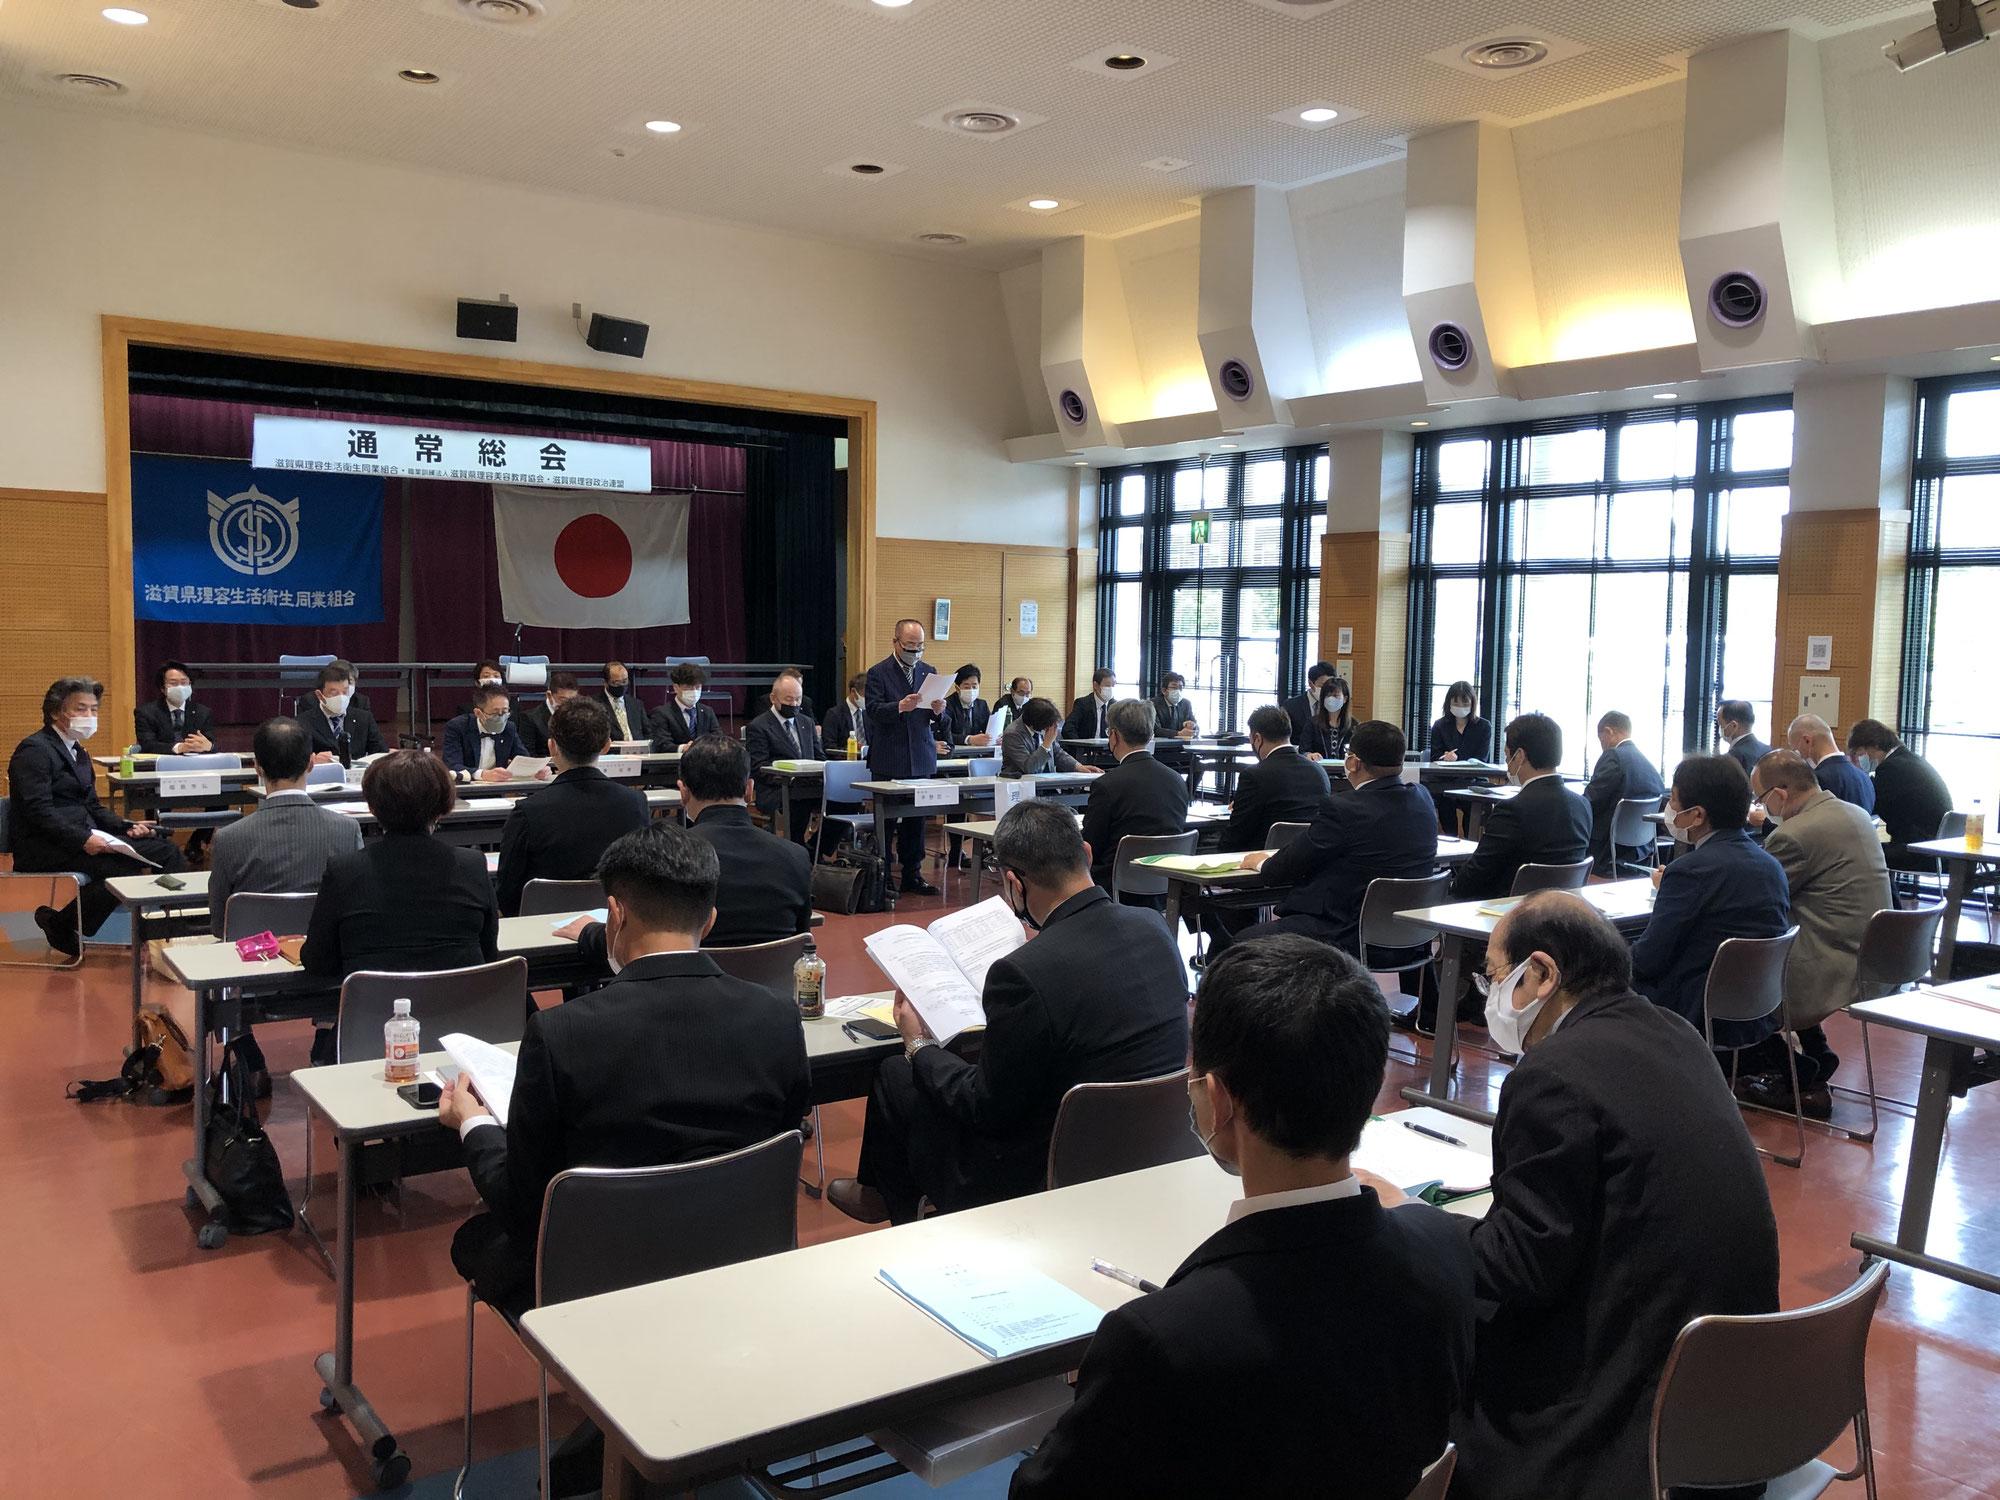 令和3年度 組合・教育協会 通常総会・政治連盟 総会の開催